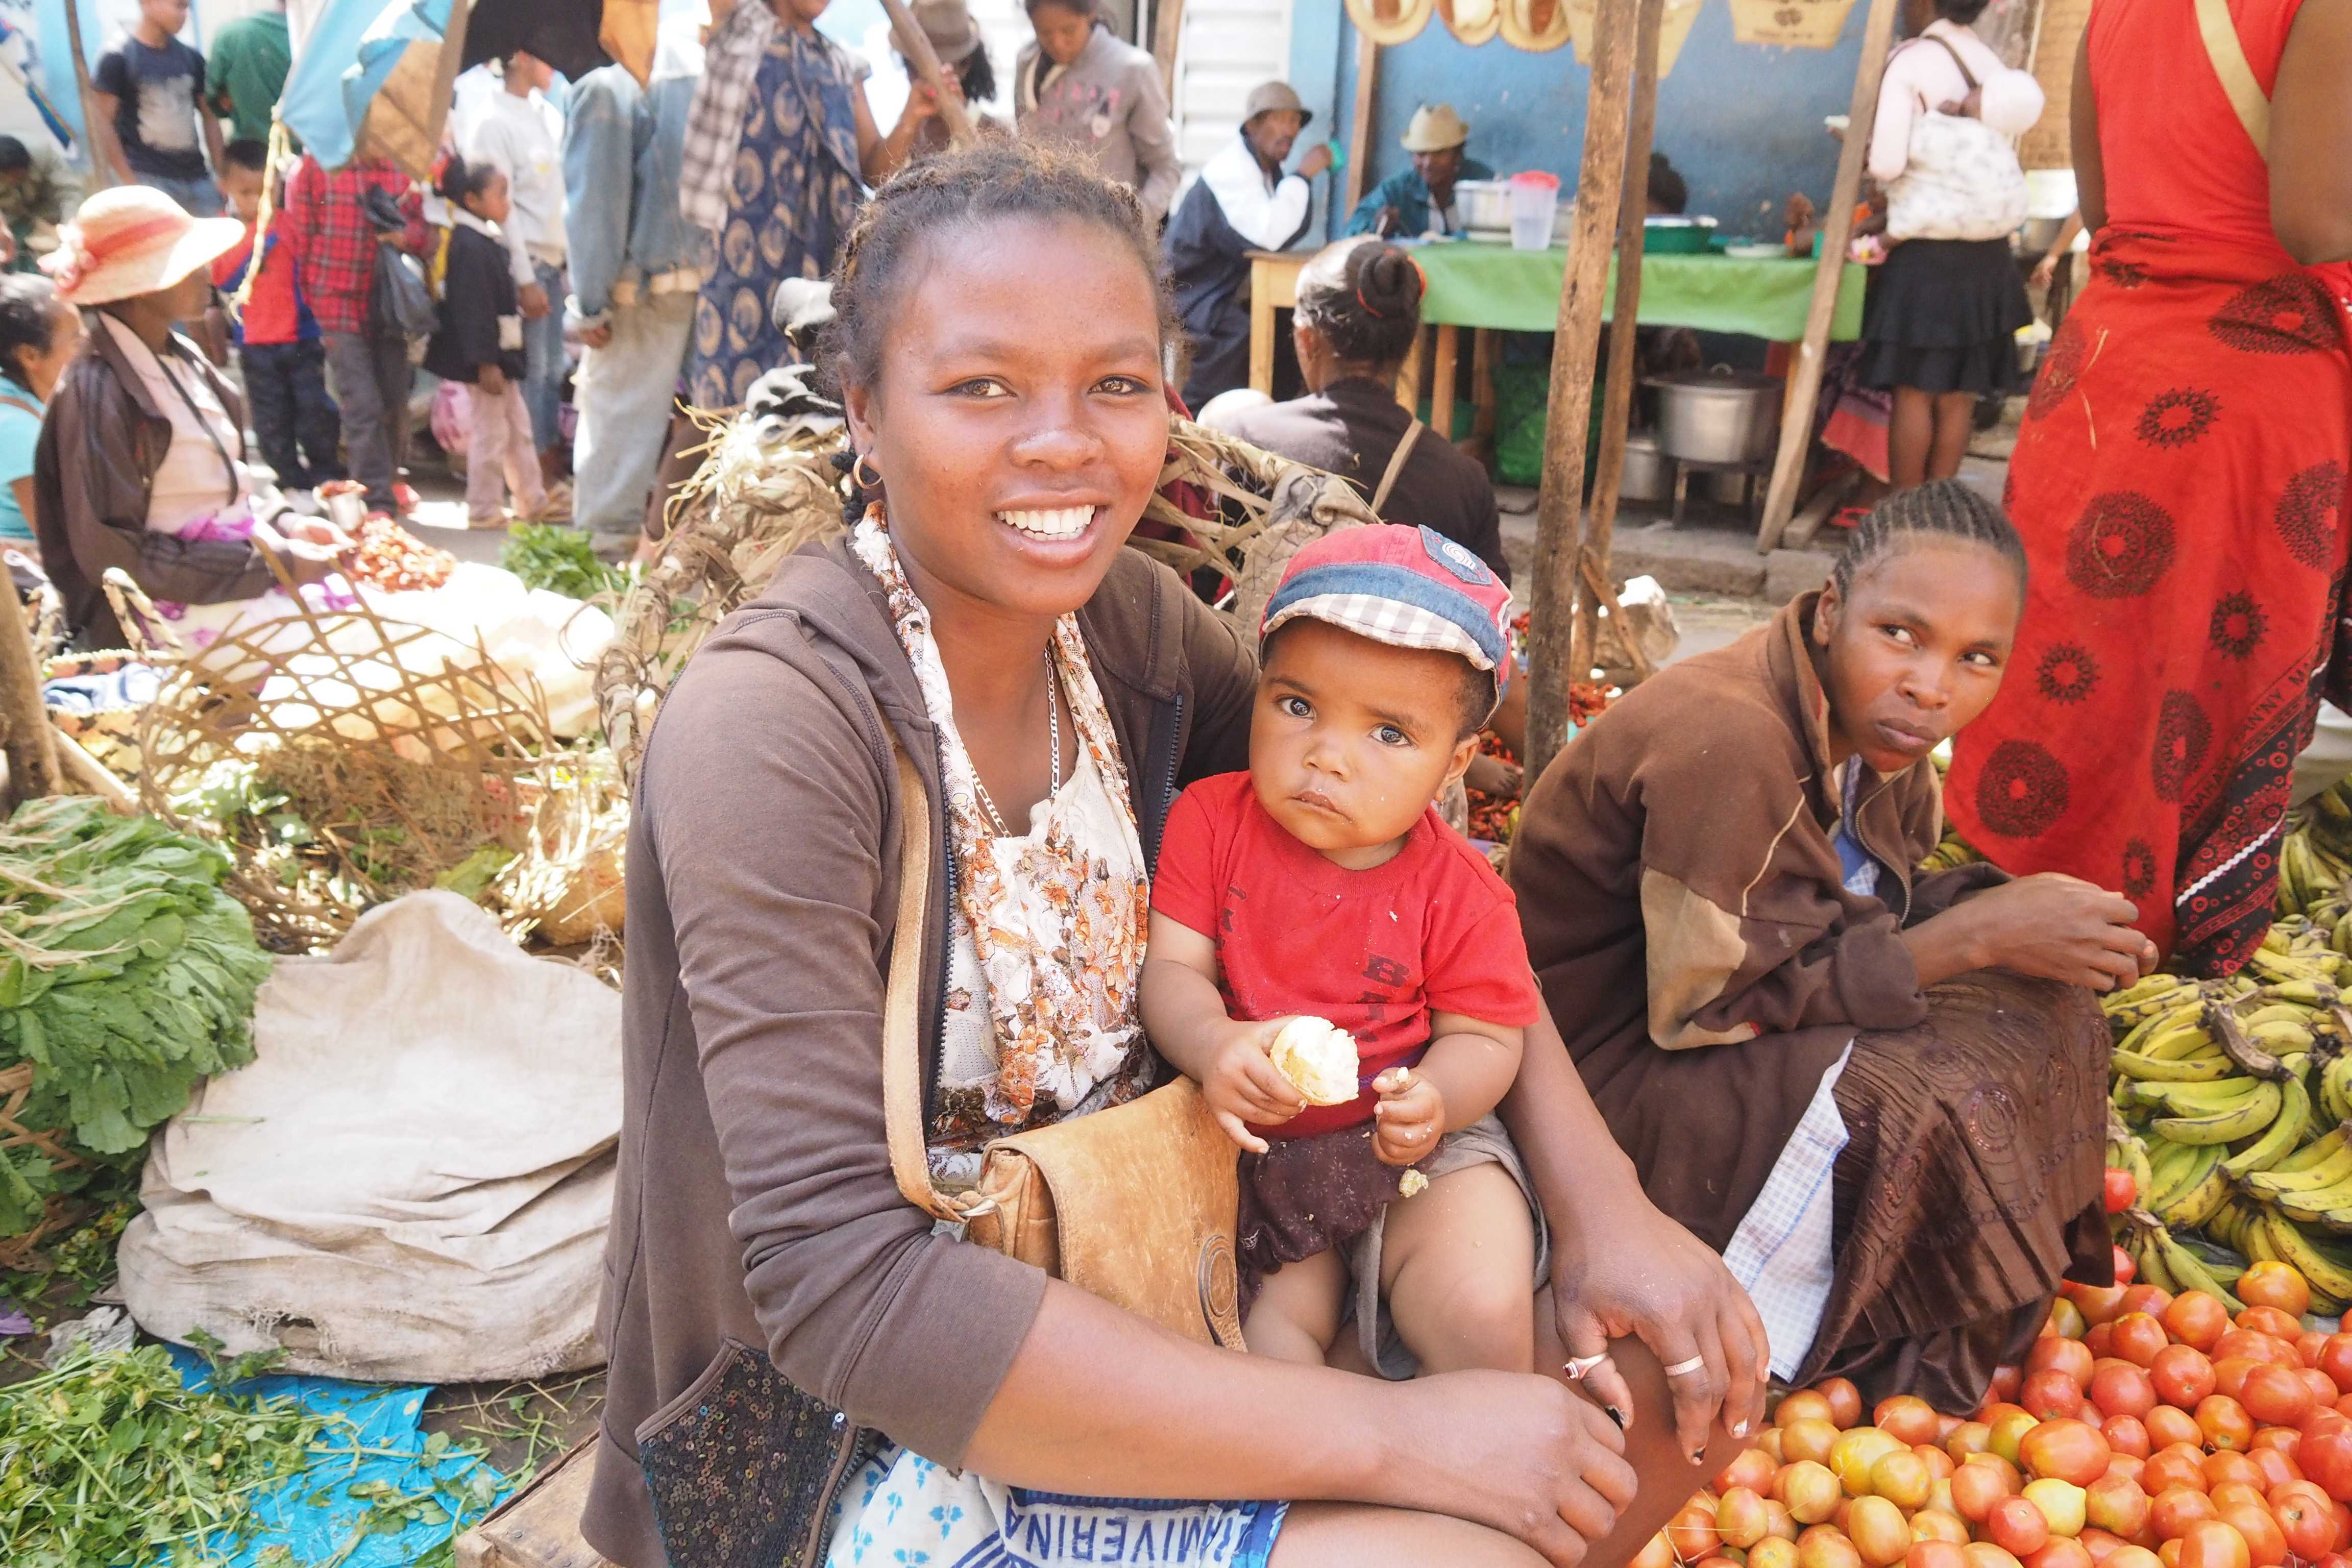 Zoma in Madagaskar: der grosse Markt am Freitag